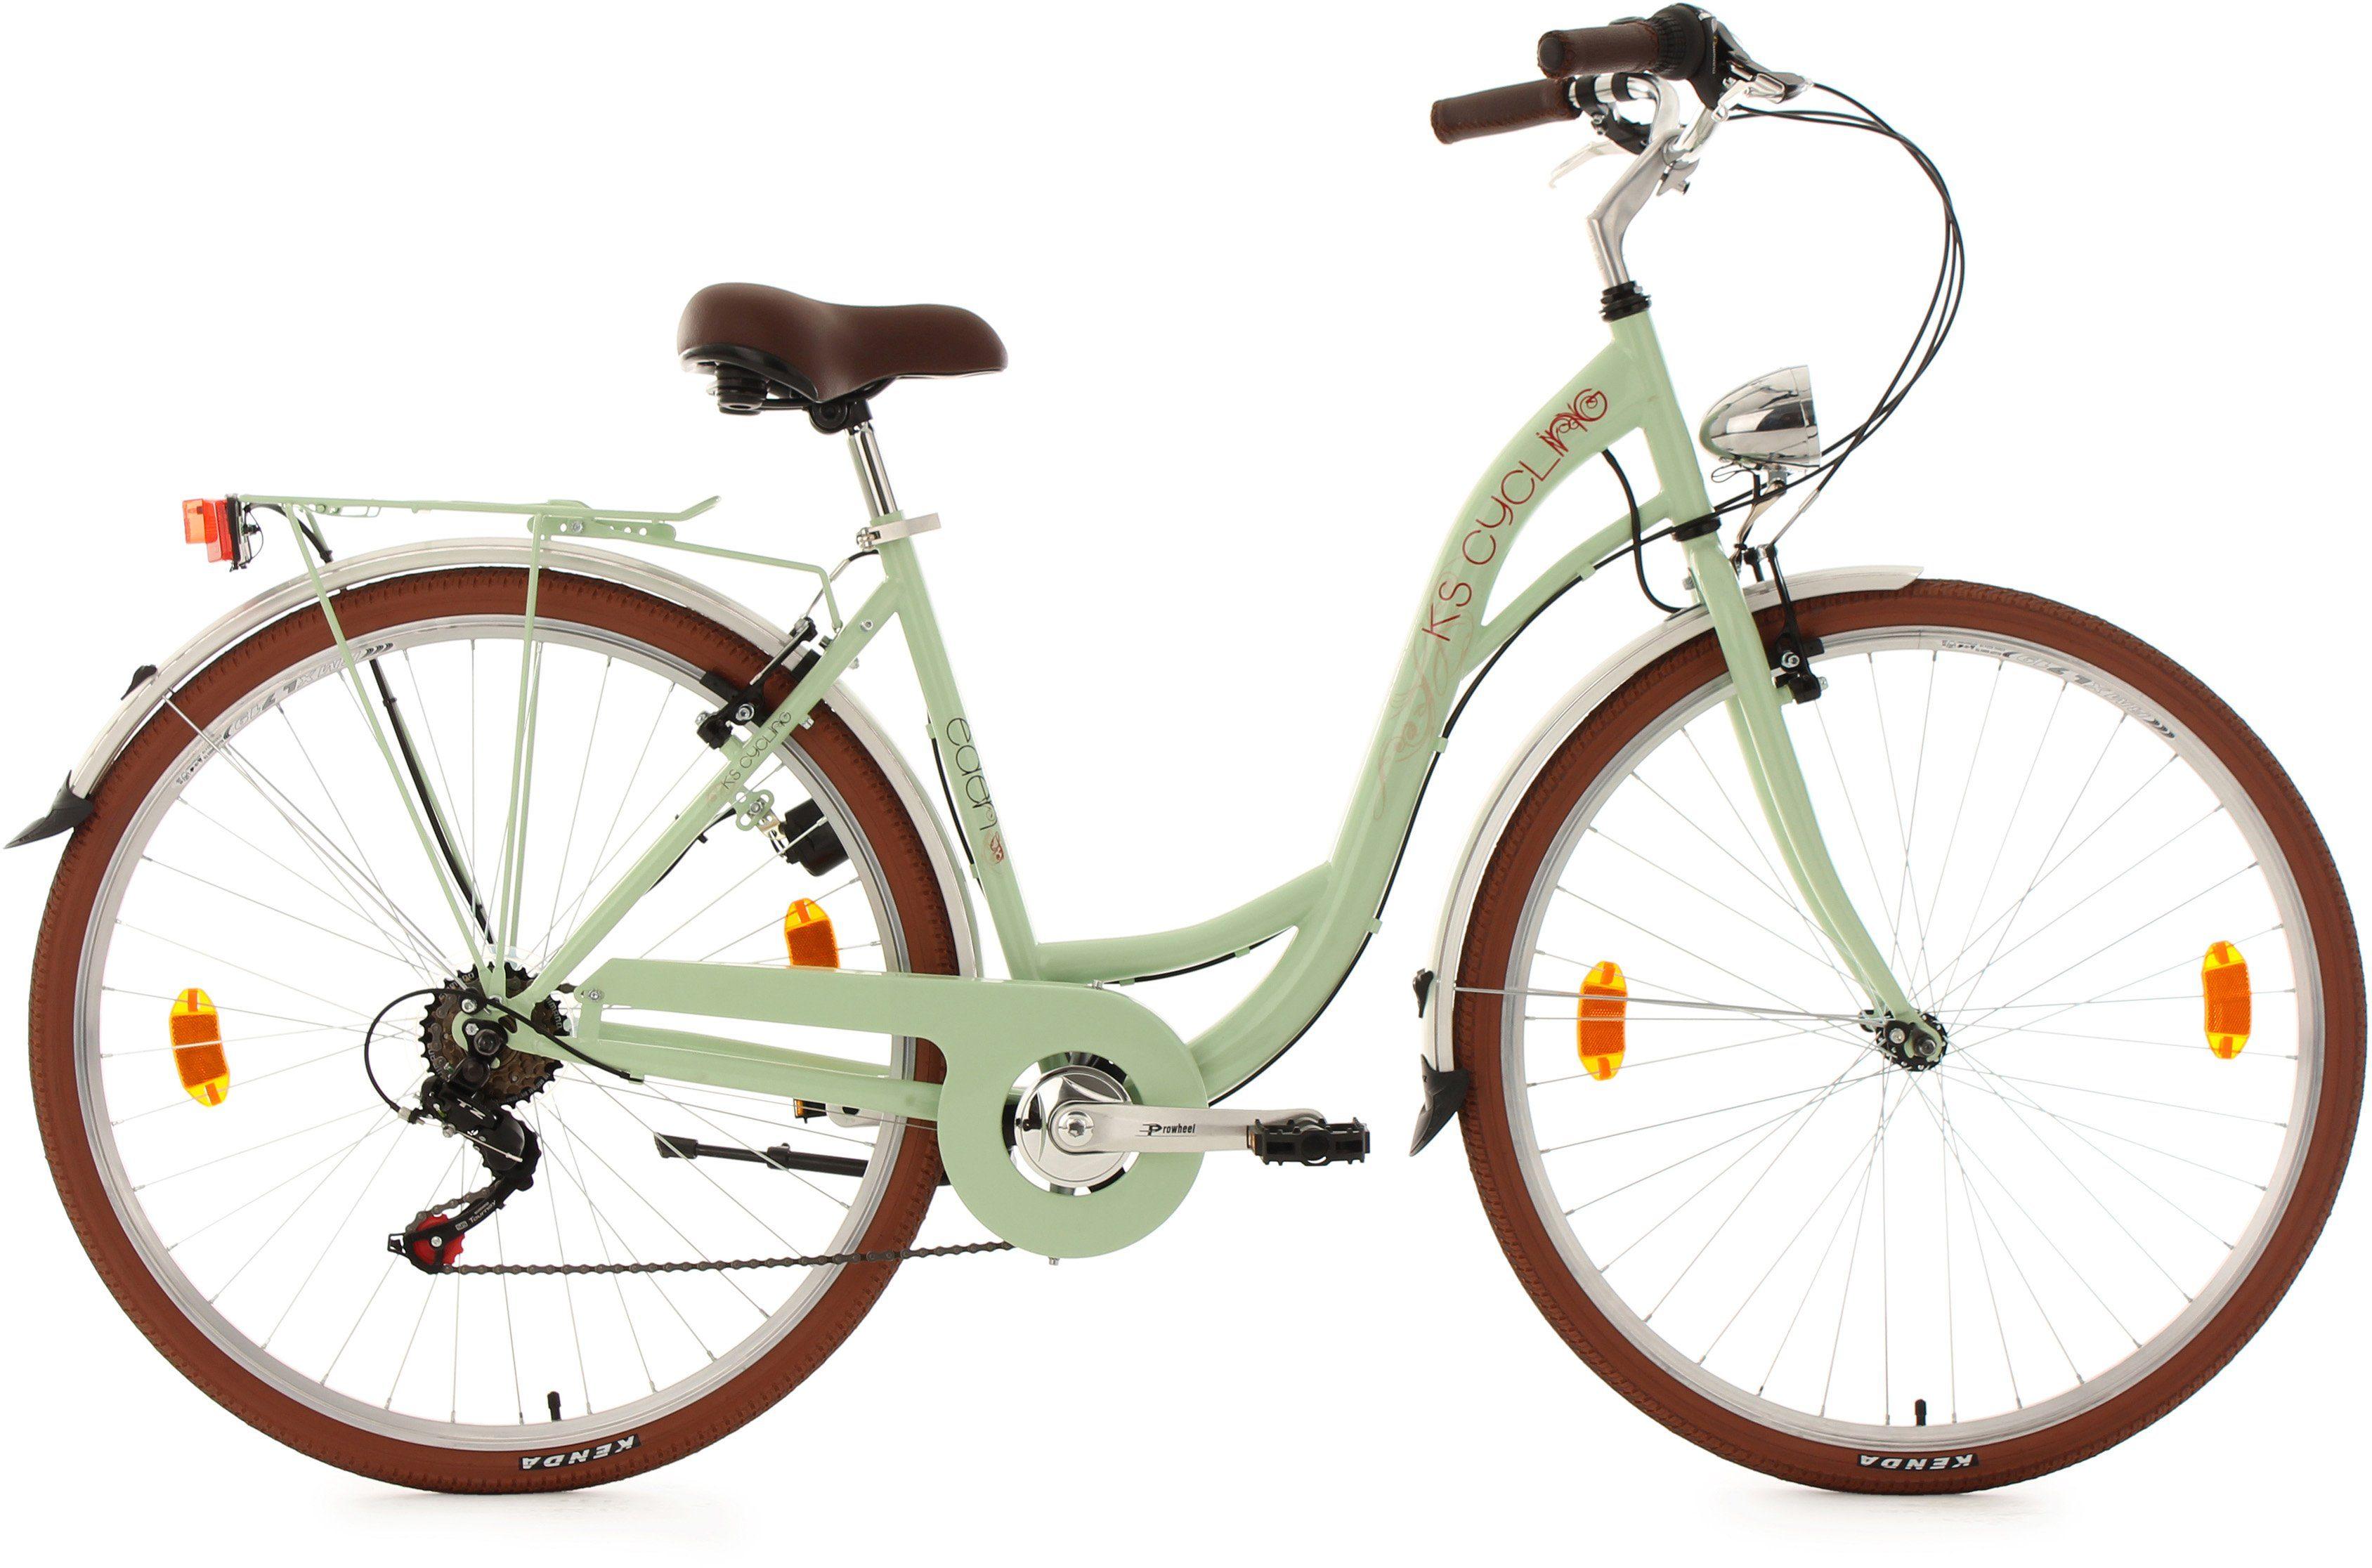 KS Cycling Damen-Cityrad, 28 Zoll, mint, Shimano 6 Gang-Kettenschaltung, »Eden«